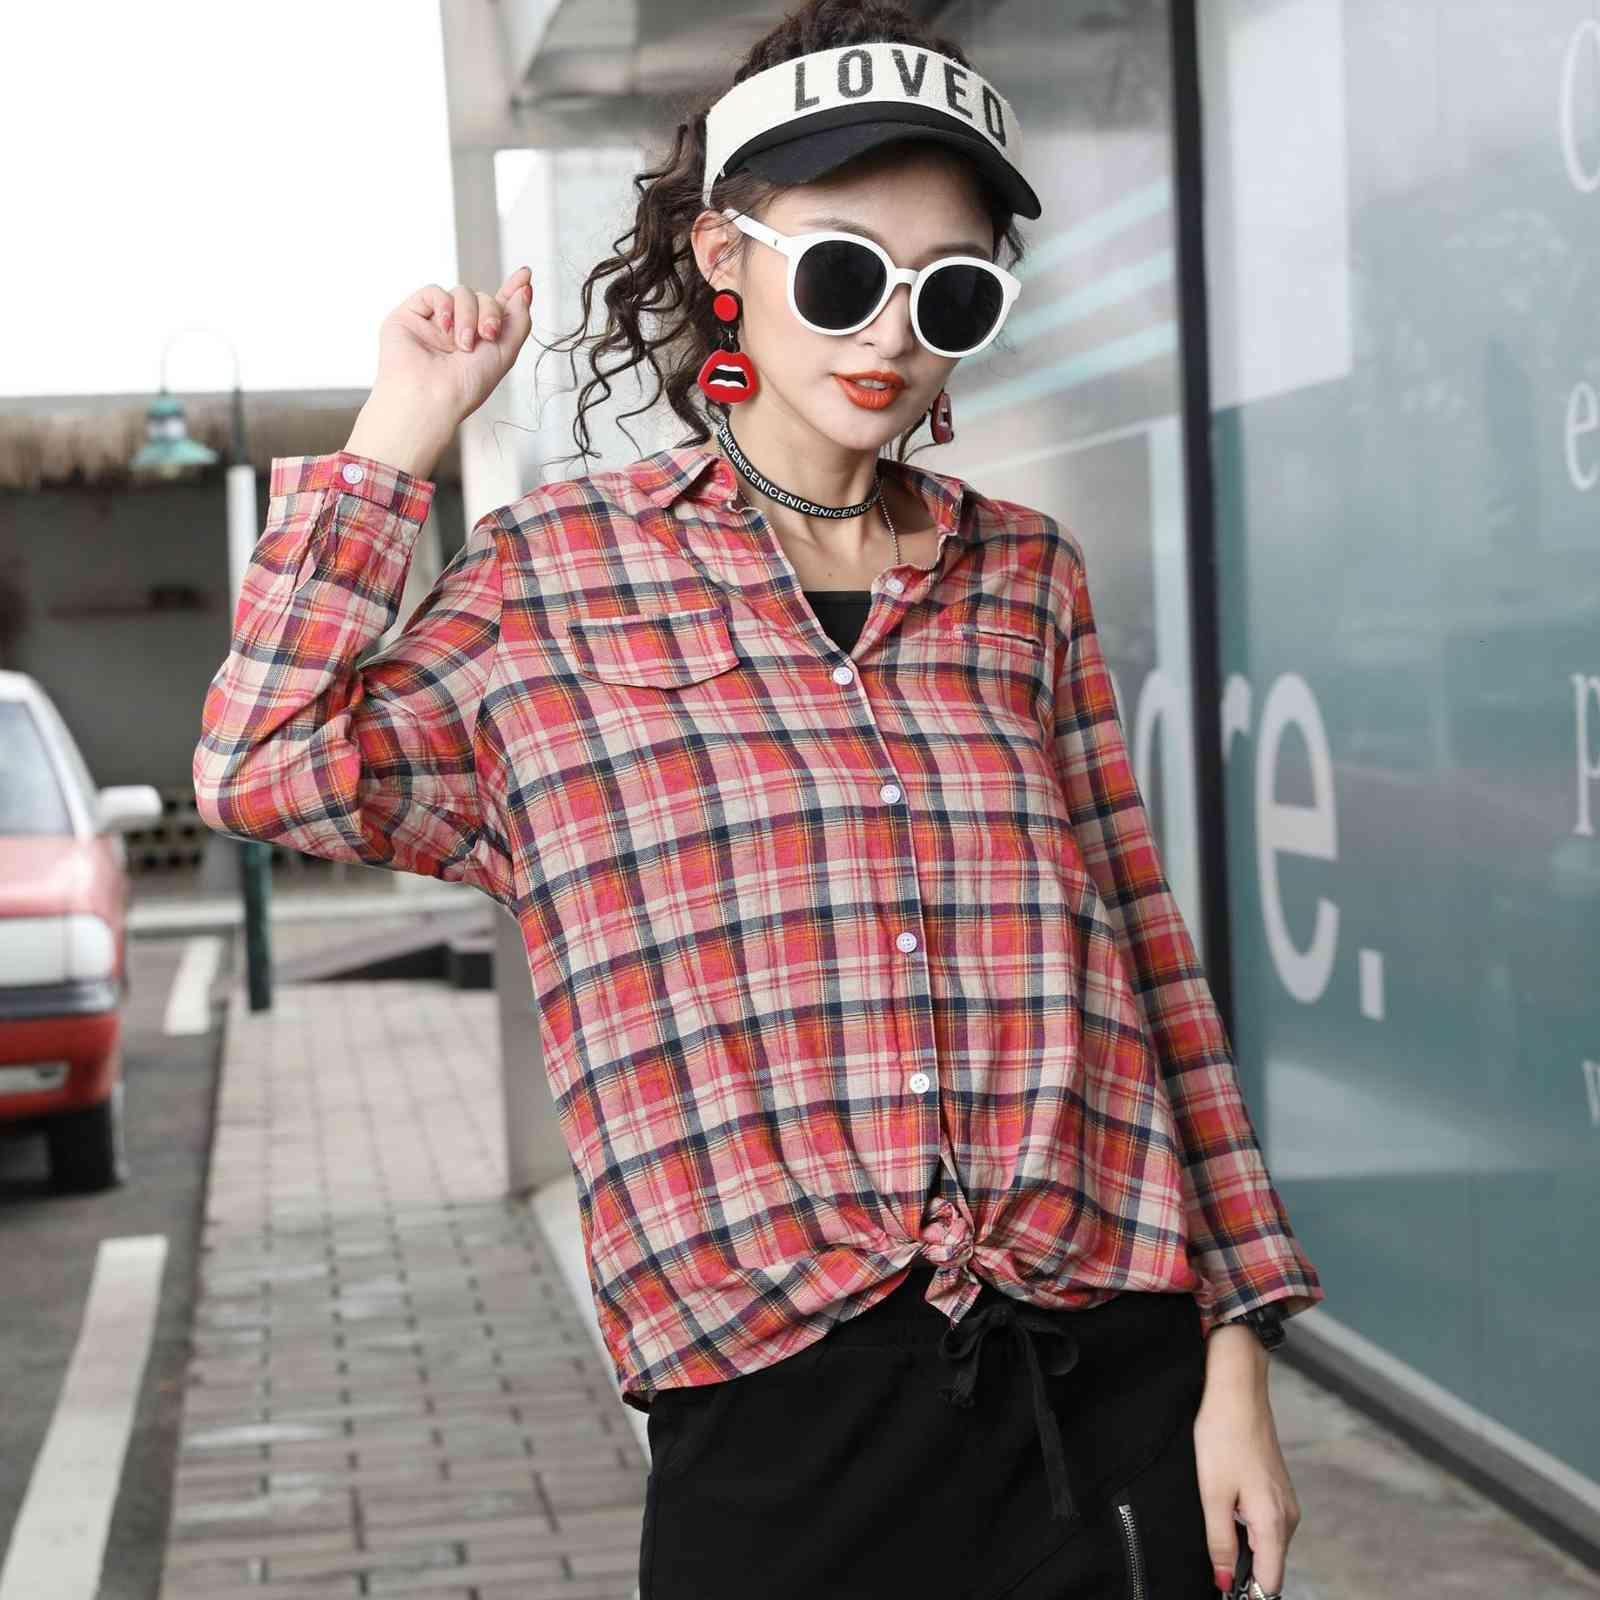 robe femelle automne de style coréen rue couleur solide tendance tendance échecs maillot de cardigan femme